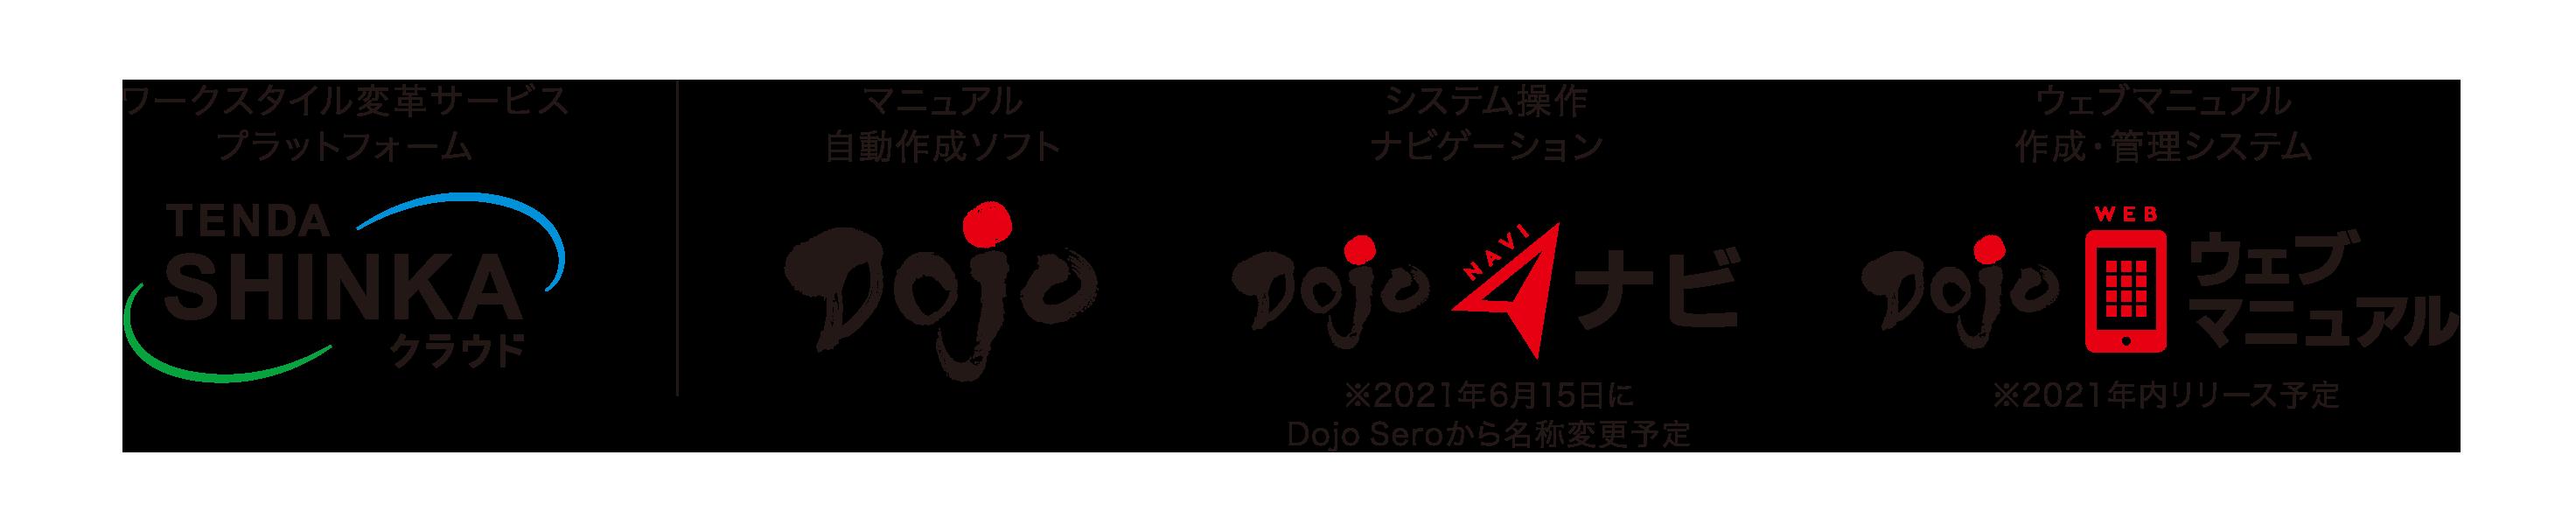 TENDA SHINKAクラウド サービス